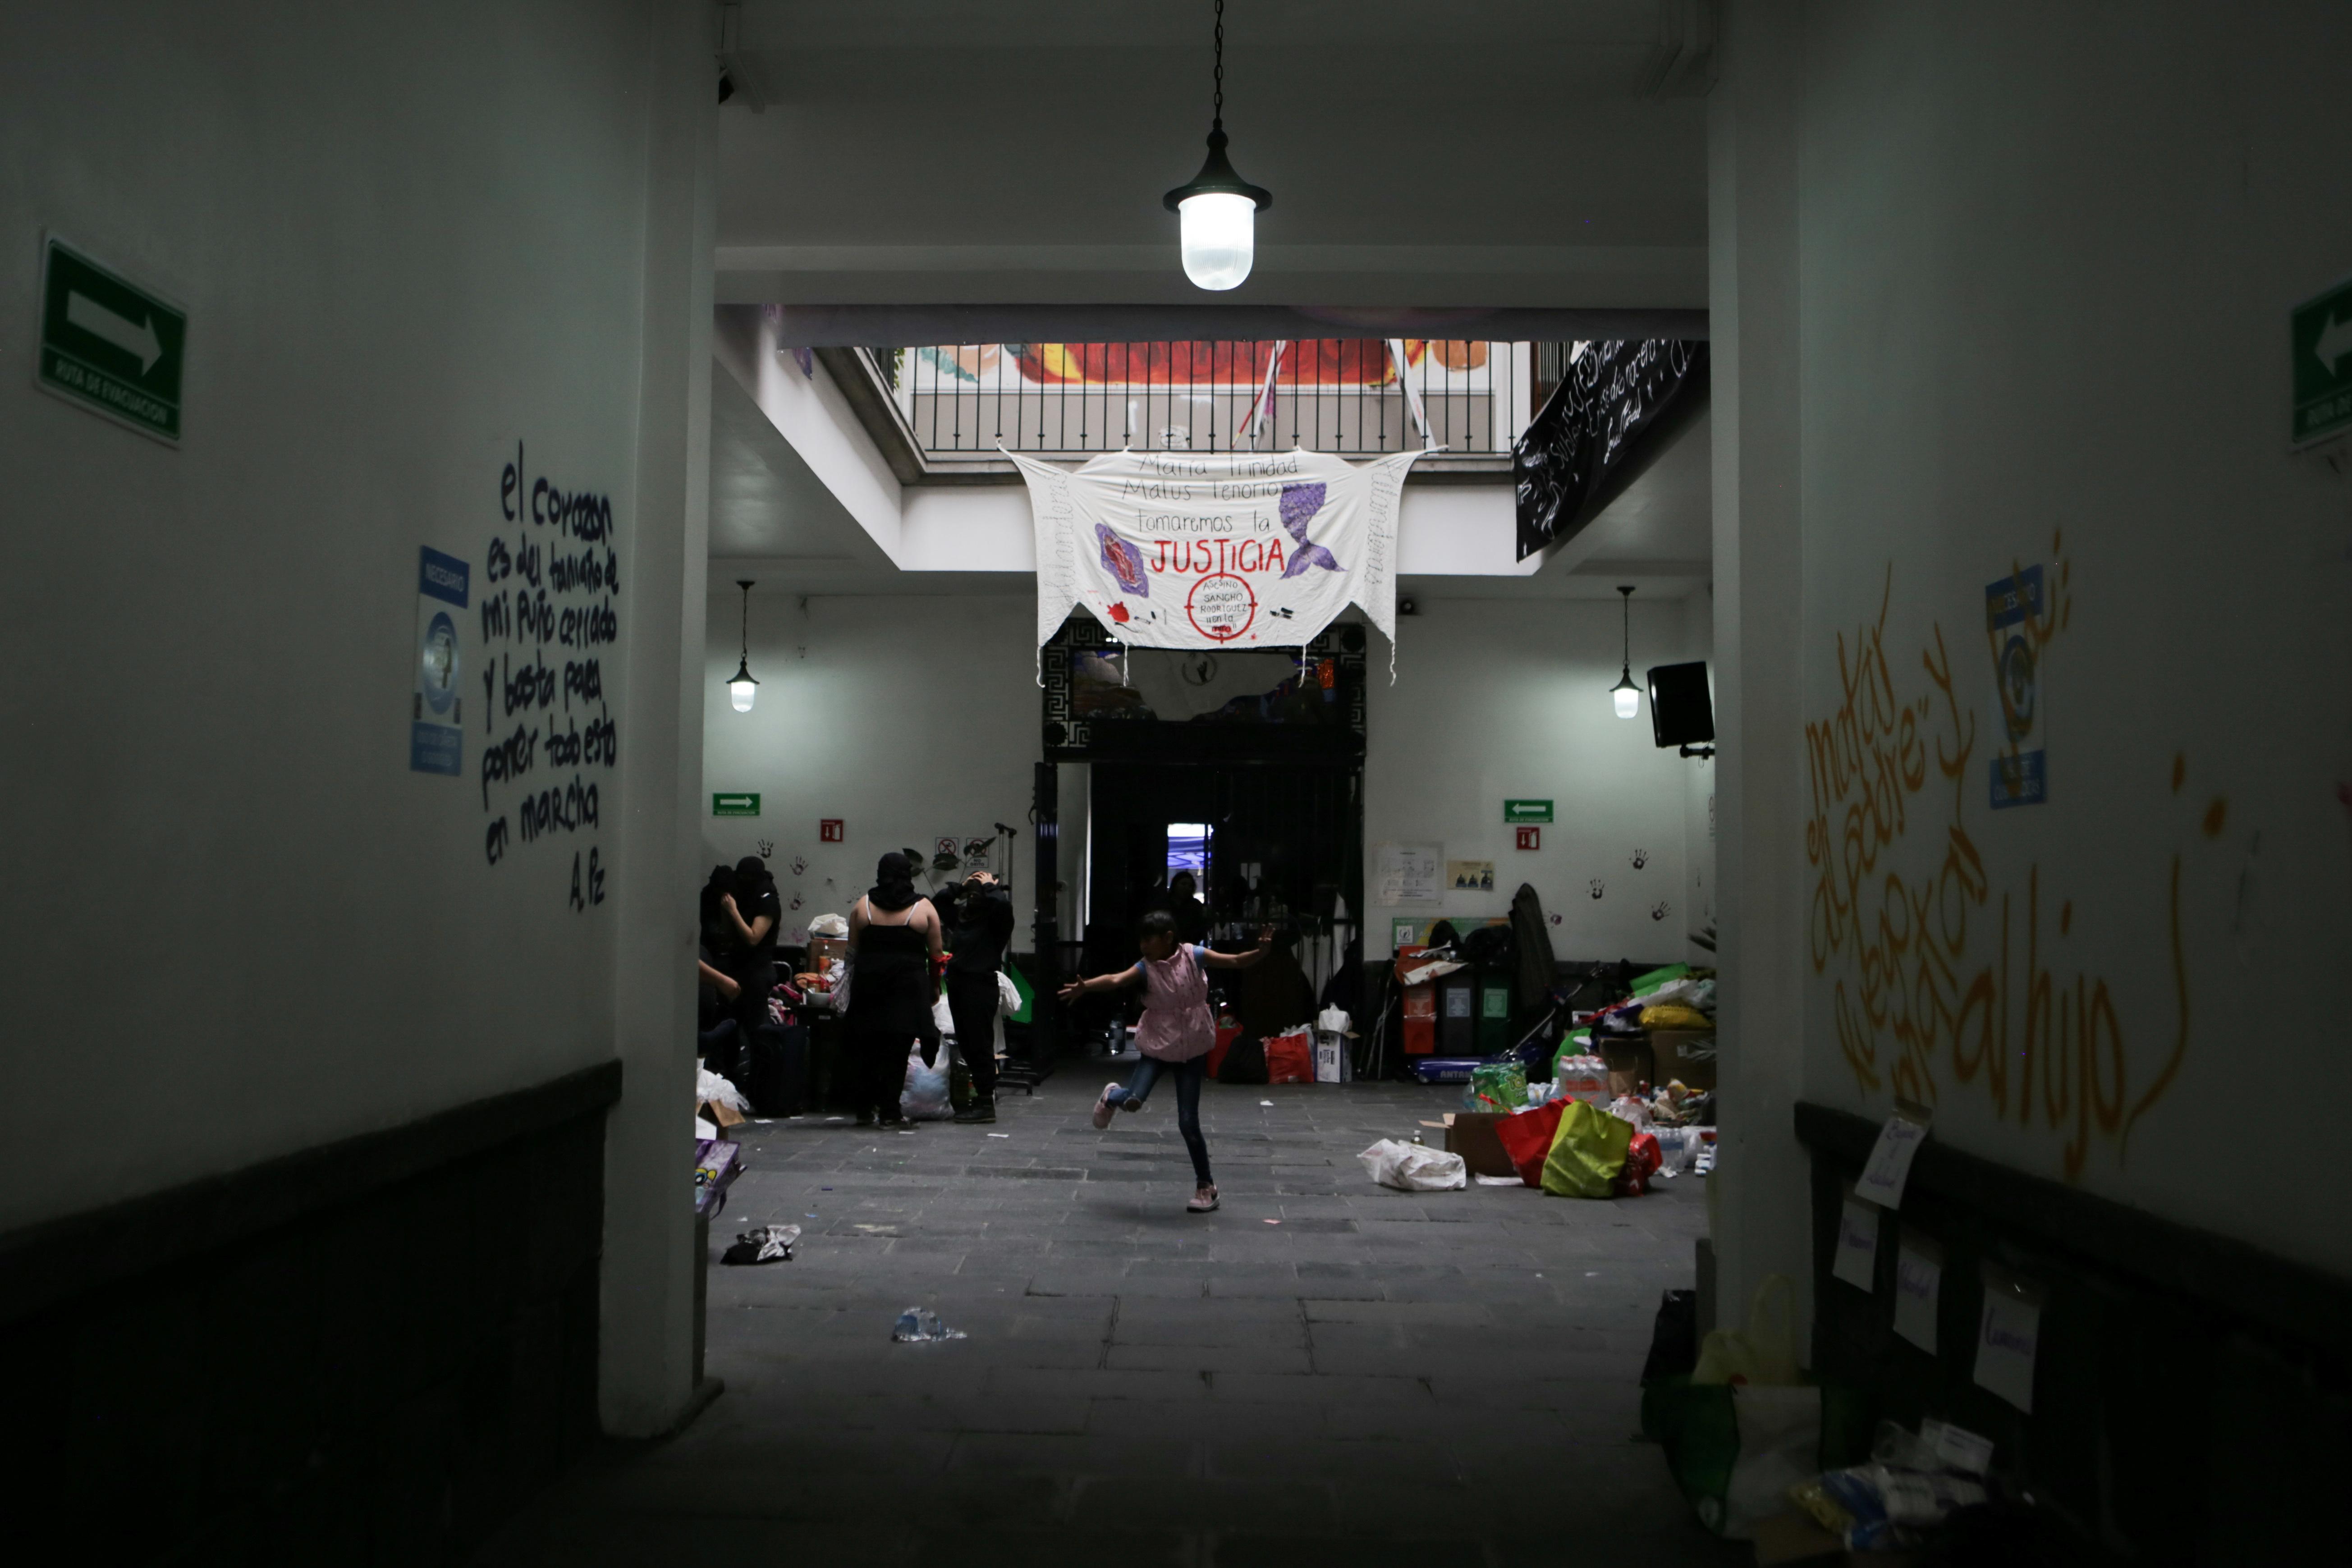 Una integrante de un colectivo feminista baila dentro de las instalaciones del edificio de la Comisión Nacional de Derechos Humanos, en apoyo a las víctimas de violencia de género, en la Ciudad de México, México, 10 de septiembre de 2020. Fotografía tomada el 10 de septiembre de 2020.